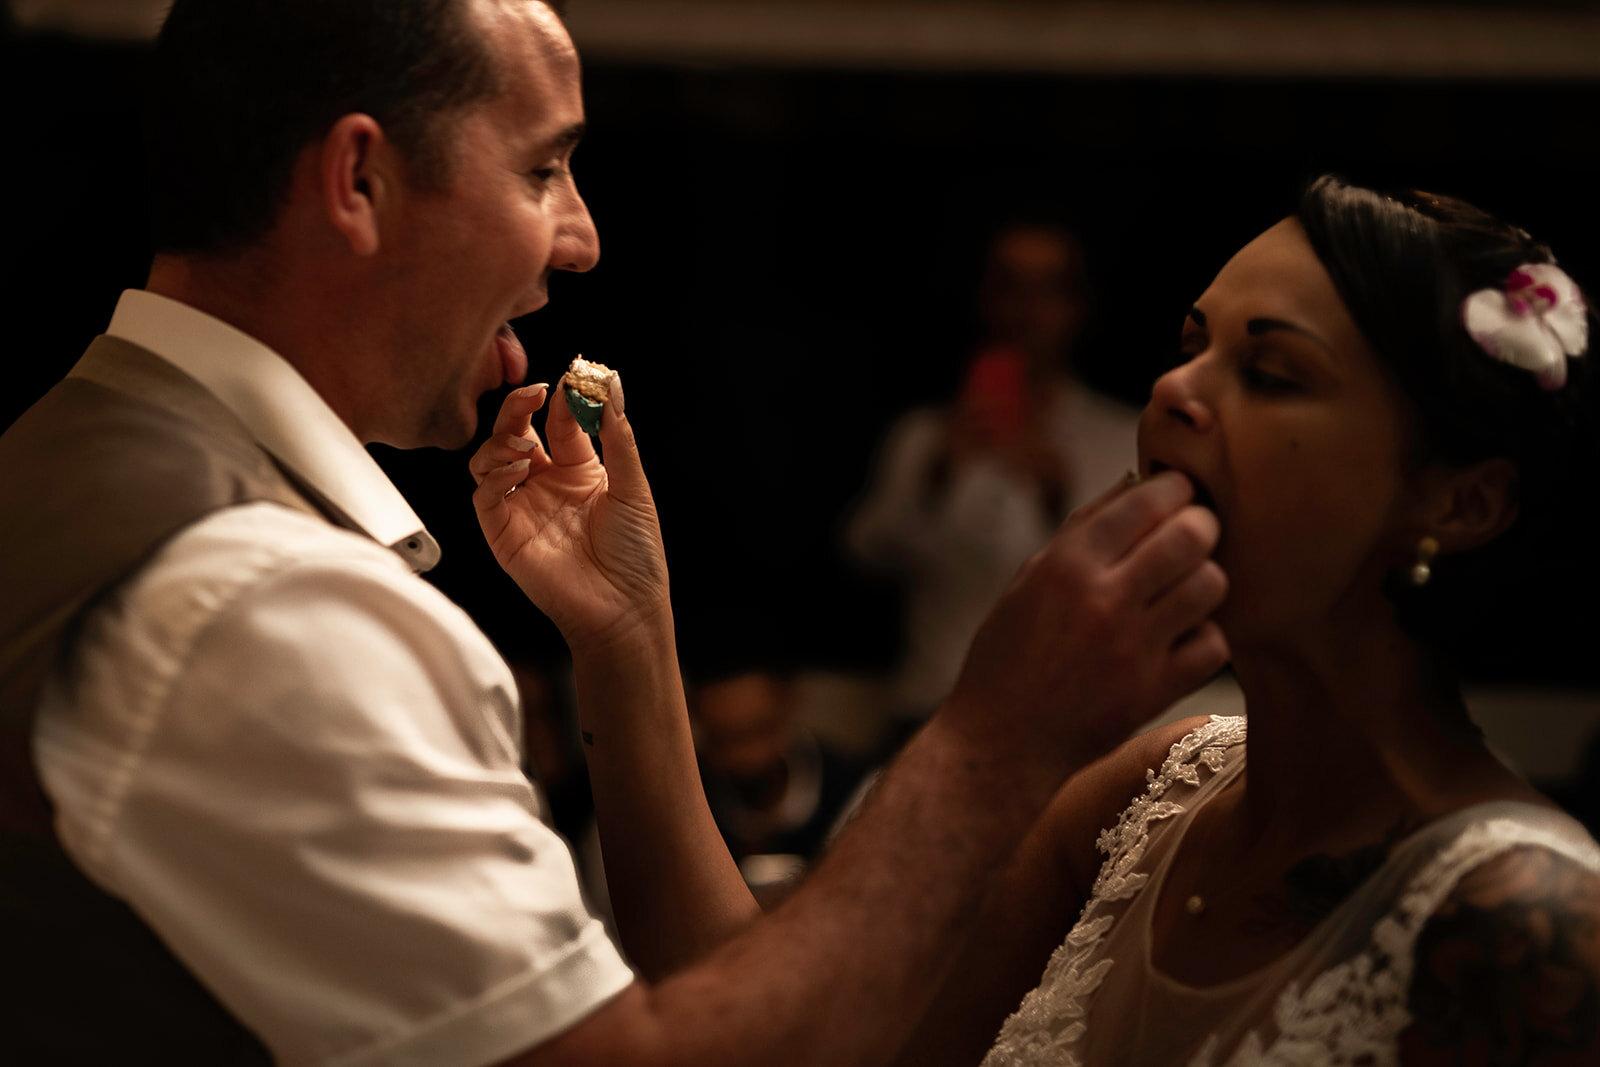 Organisation renouvellement des voeux A et S _ MRevenement wedding planner à la Réunion (12).jpg